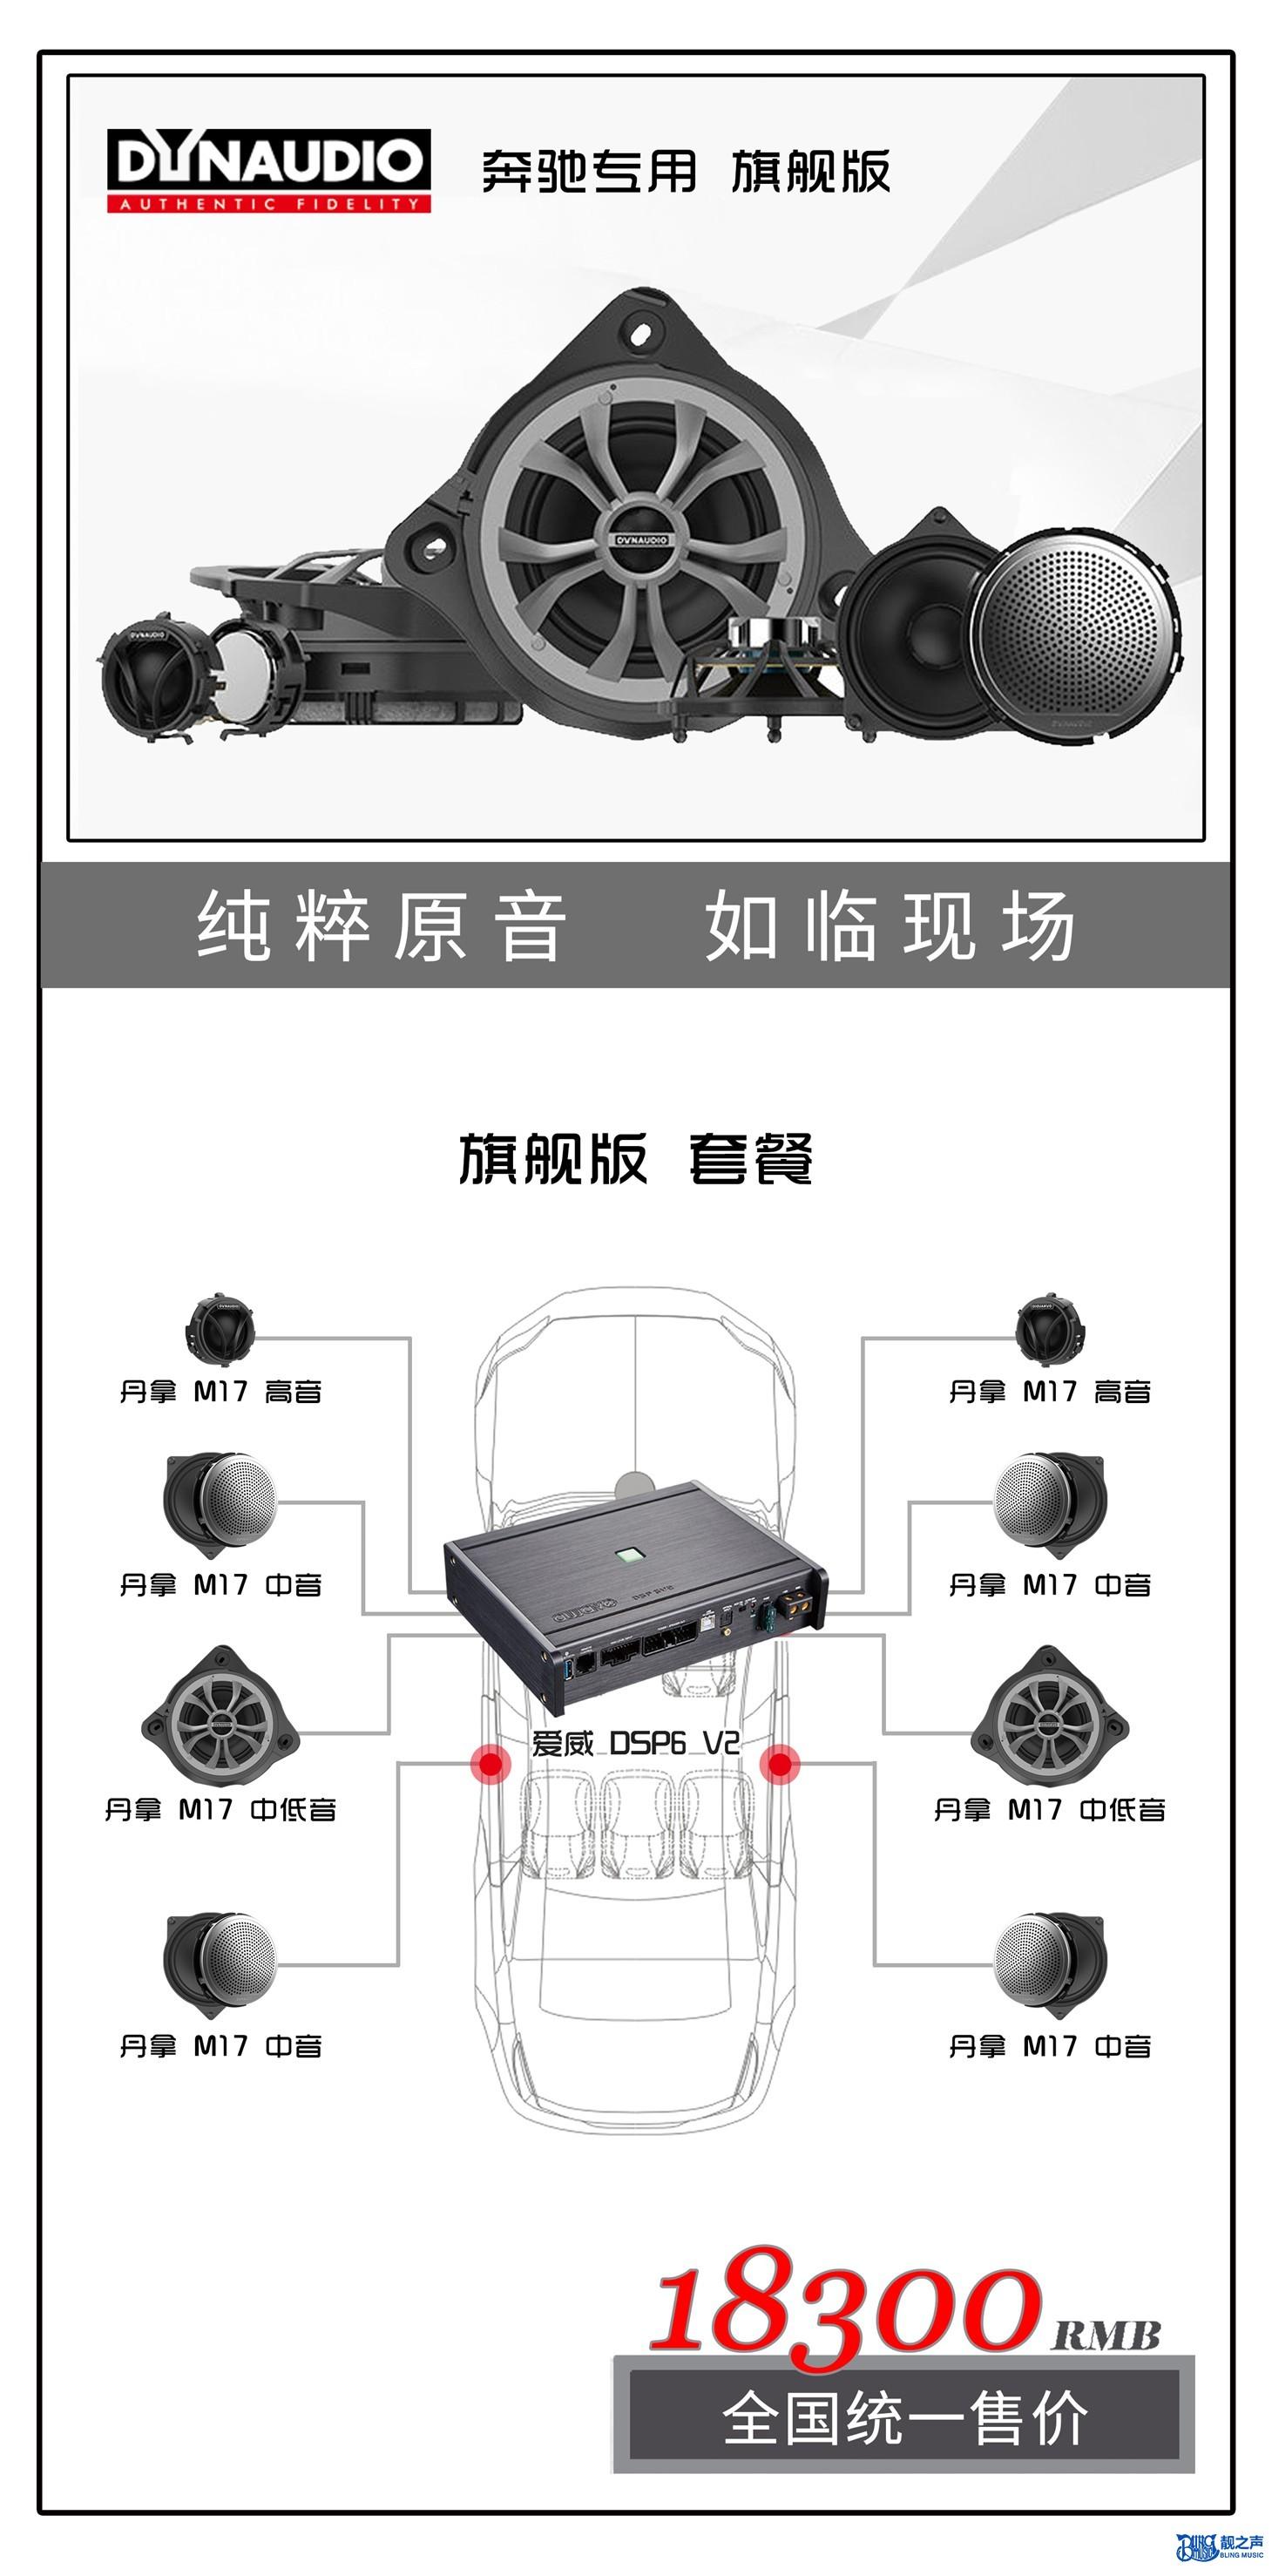 丹拿 M17 奔驰套餐图E.jpg